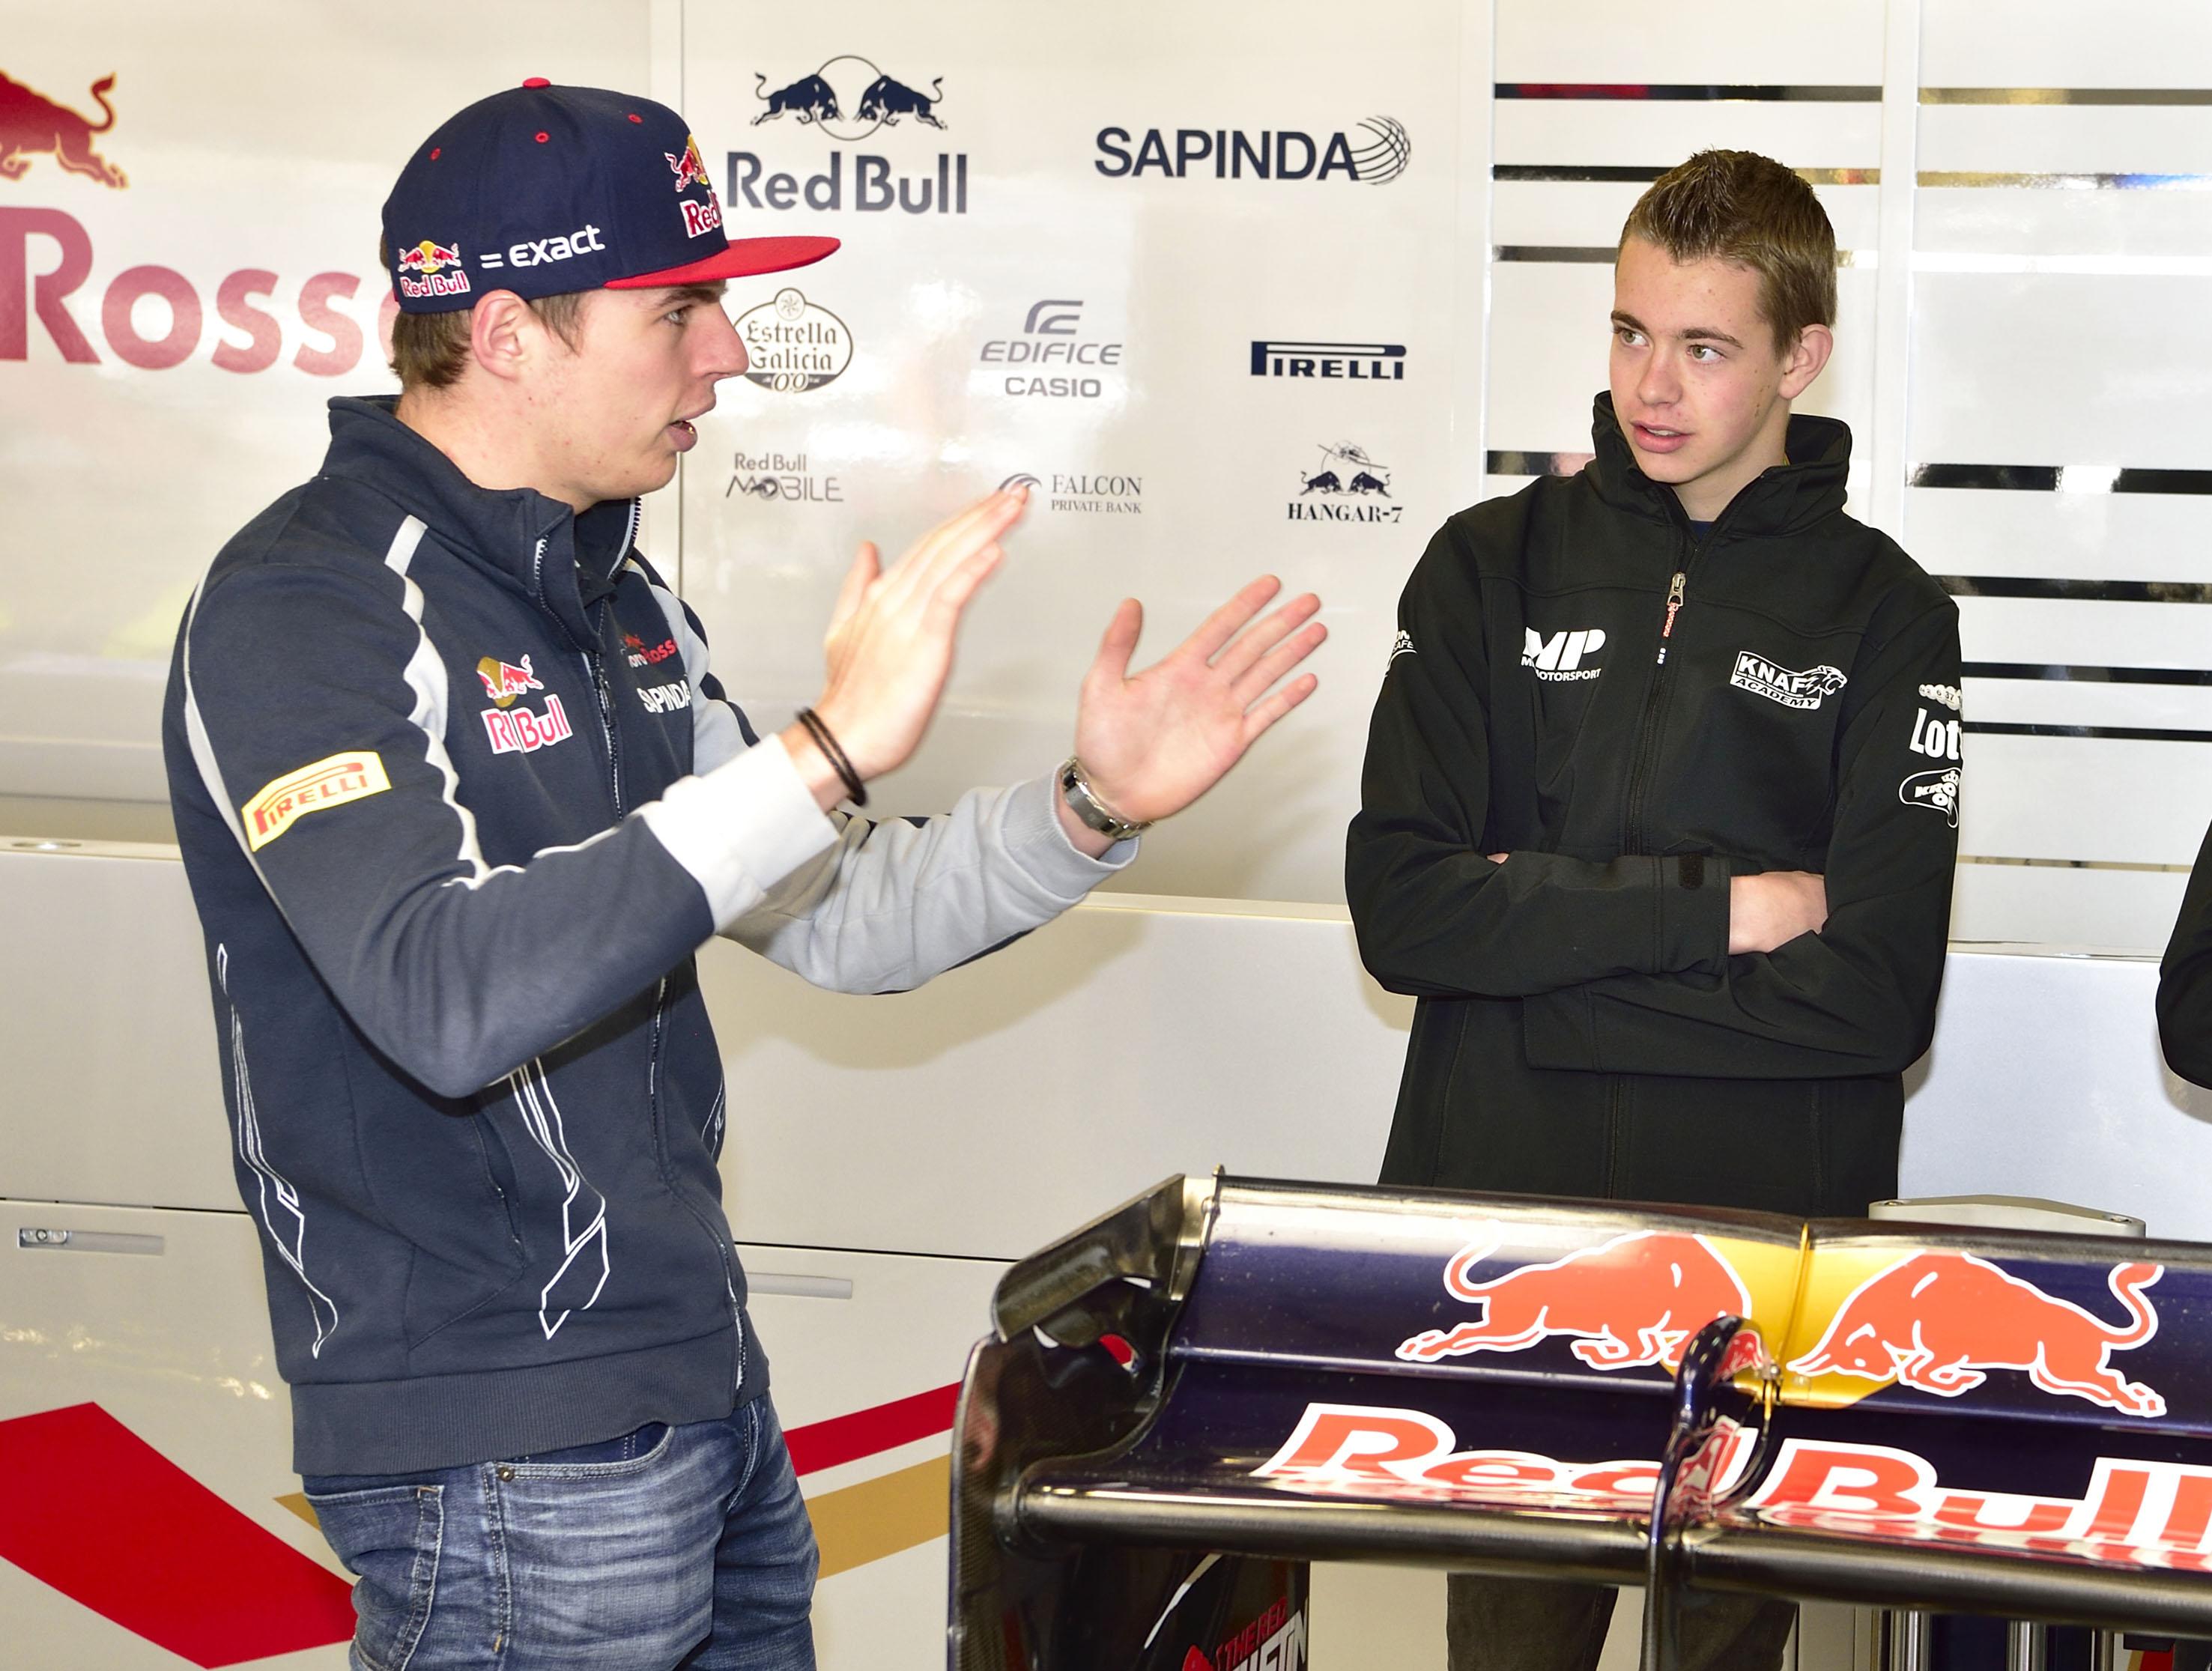 Richard Verschoor per direct in Red Bull-Juniorprogramma